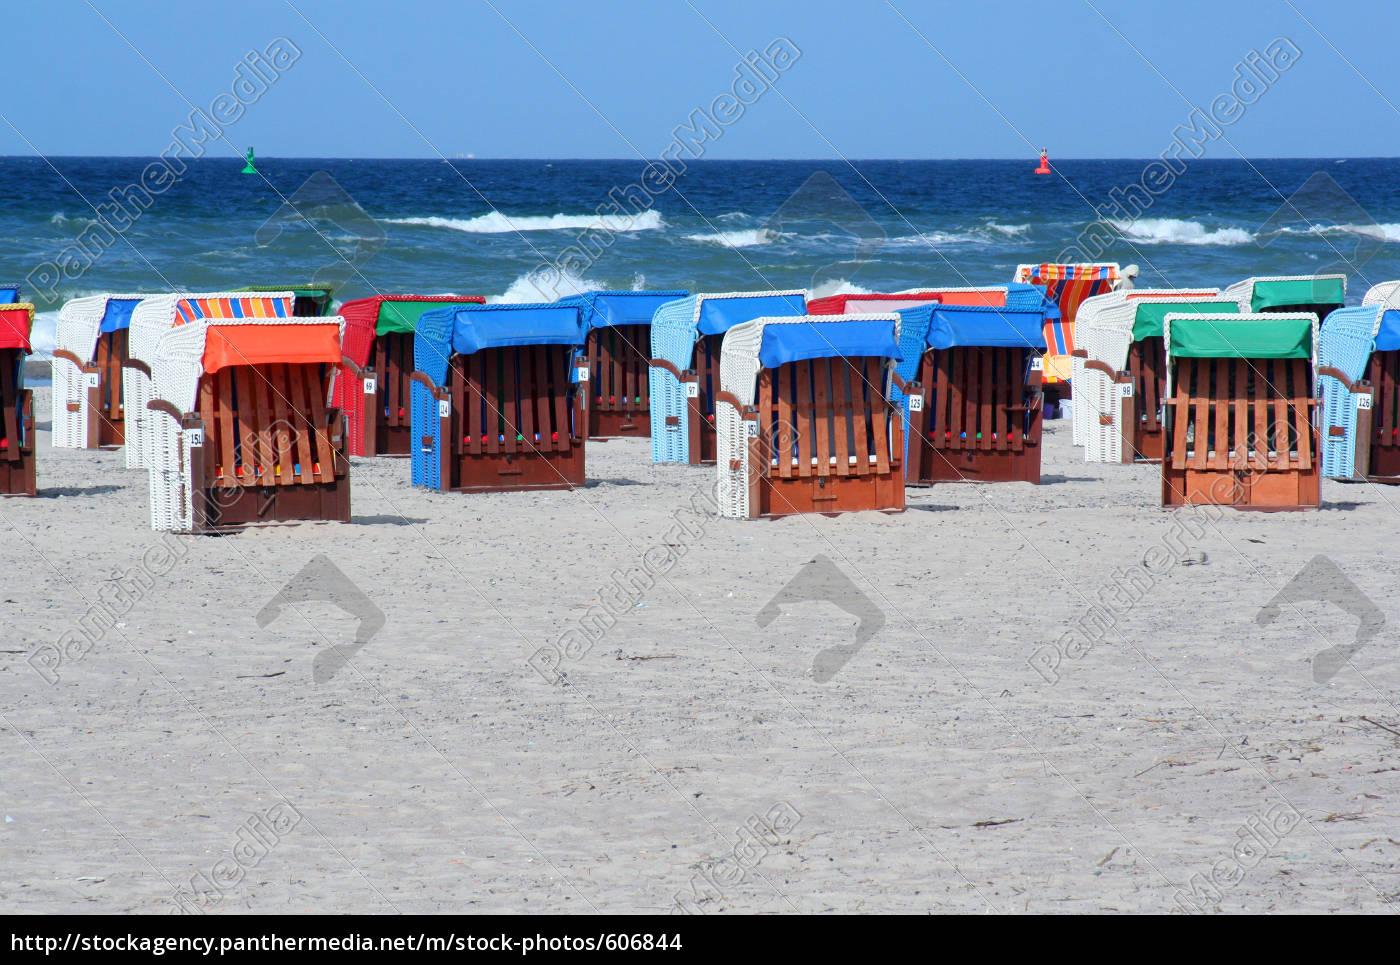 beach, chairs, in, warnemünde - 606844